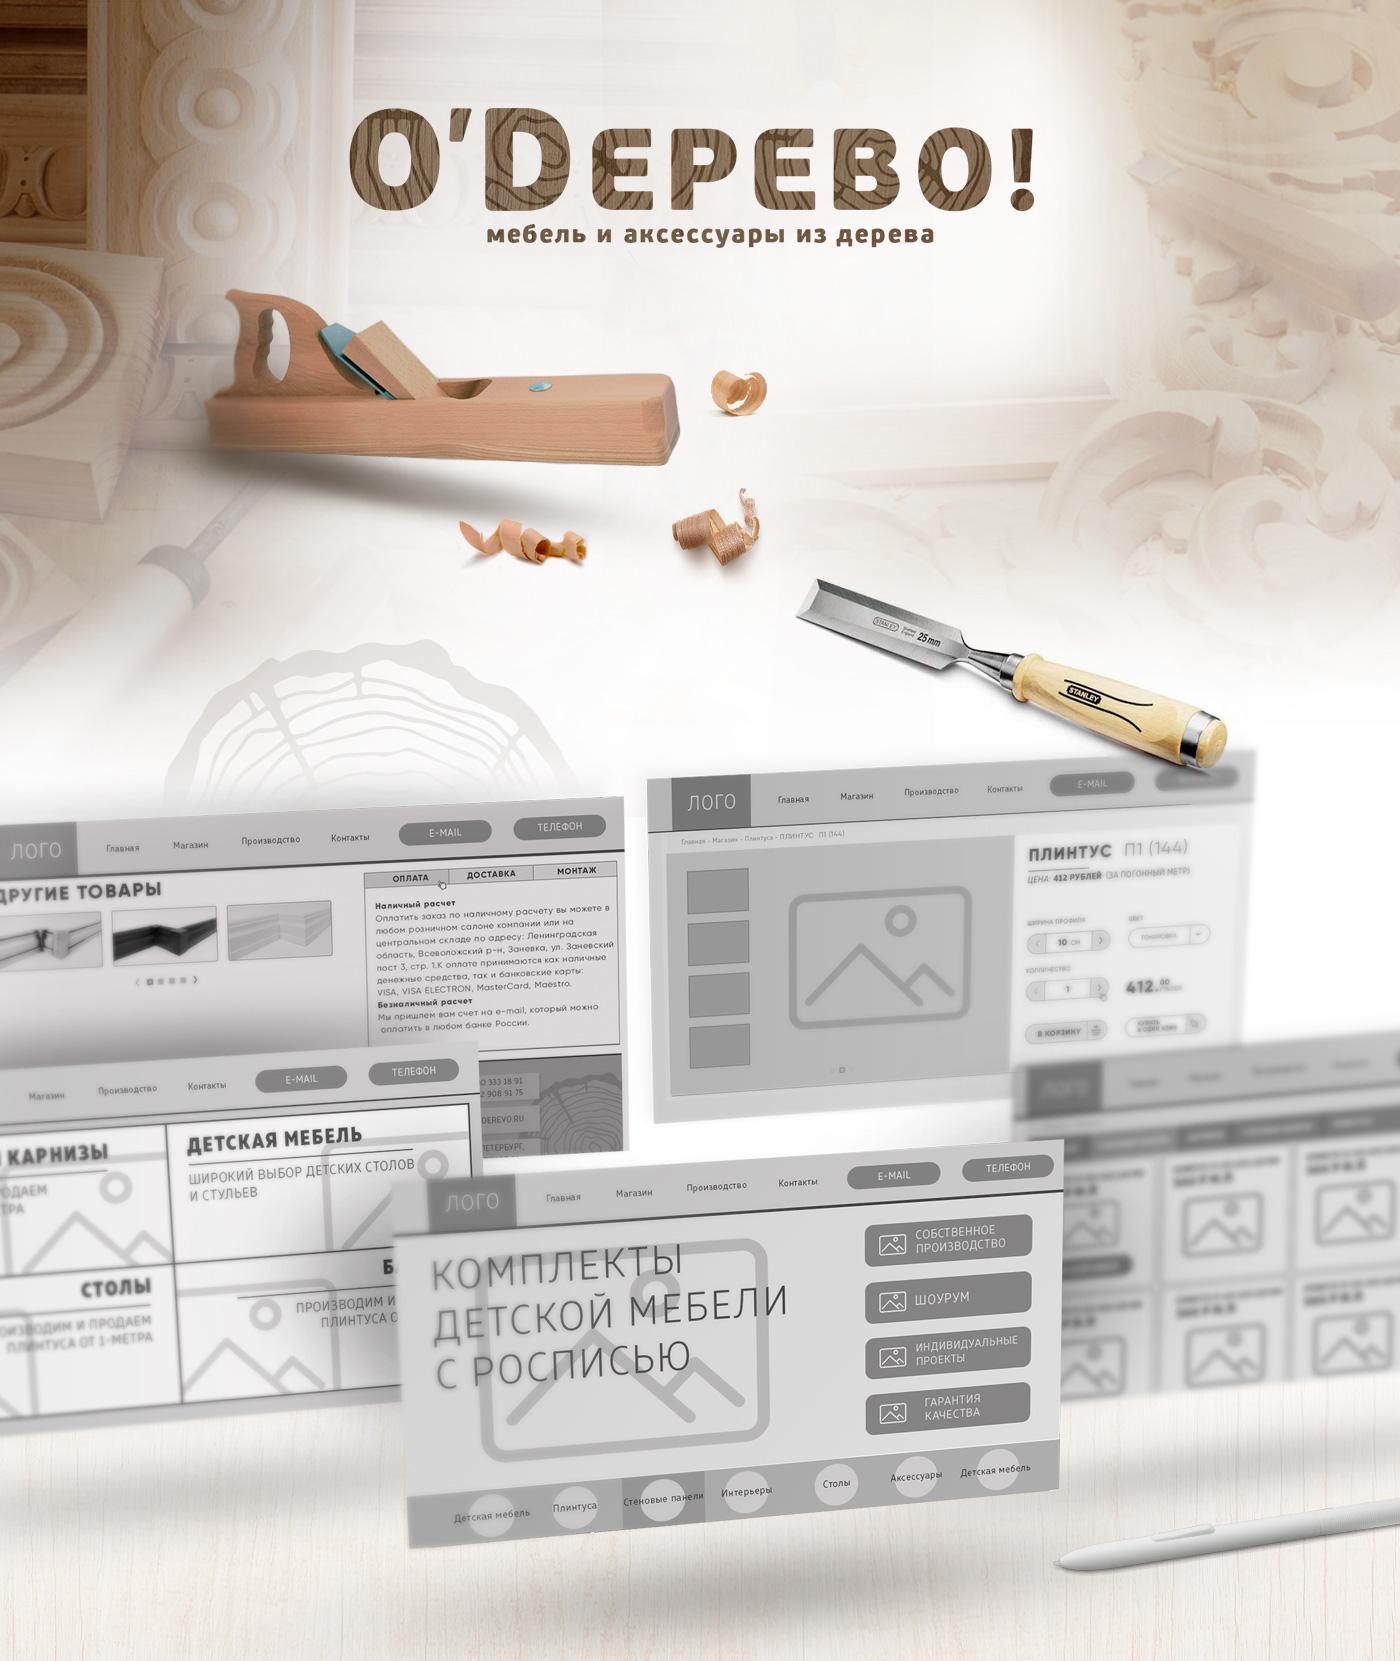 """Создание сайта для производителя мебели из дерева """"Одерево"""""""